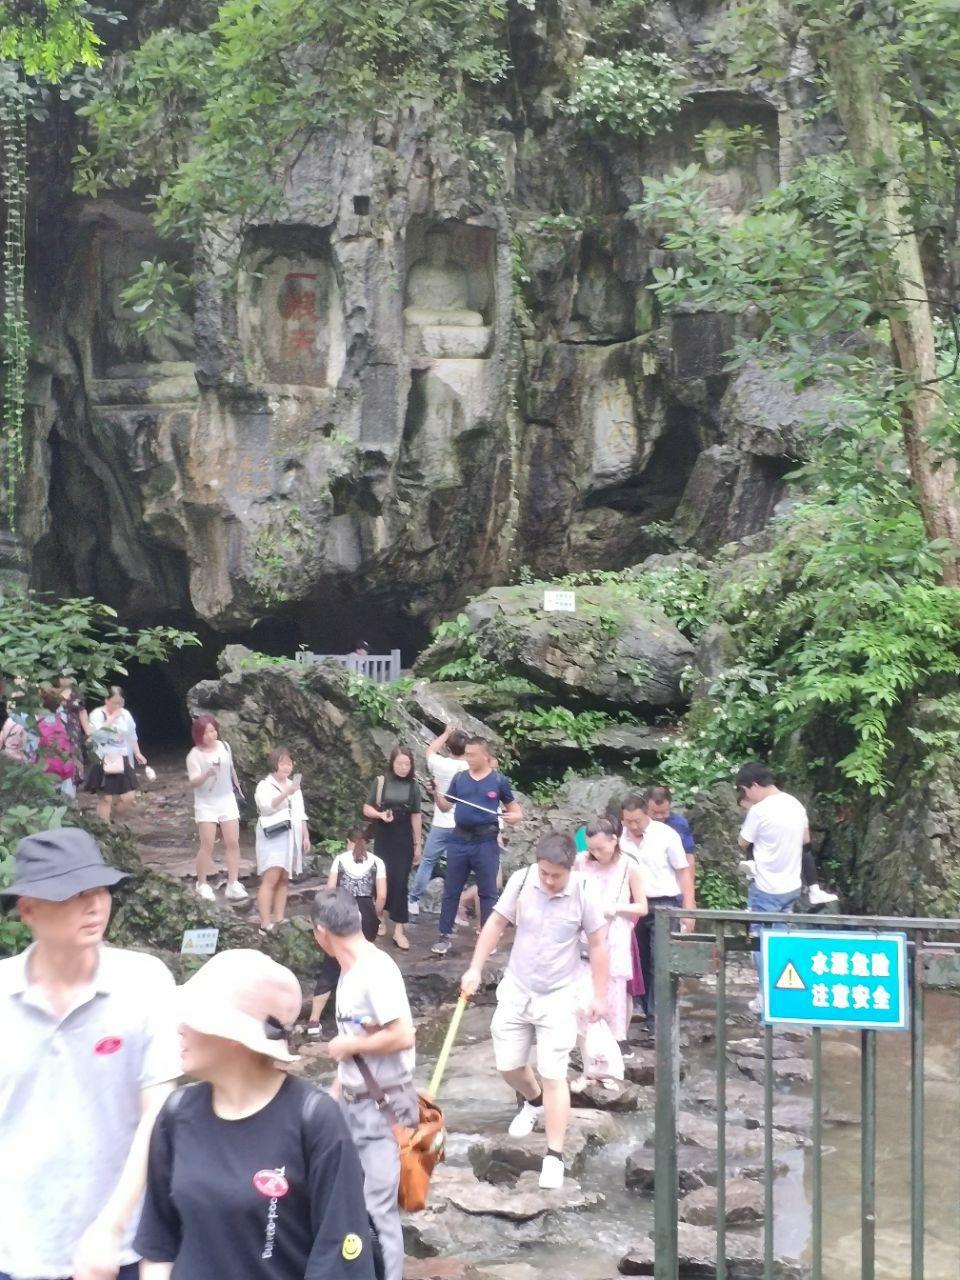 杭州王村(飞来峰)景区旅游景点攻略图安吉龙灵隐一日游攻略图片